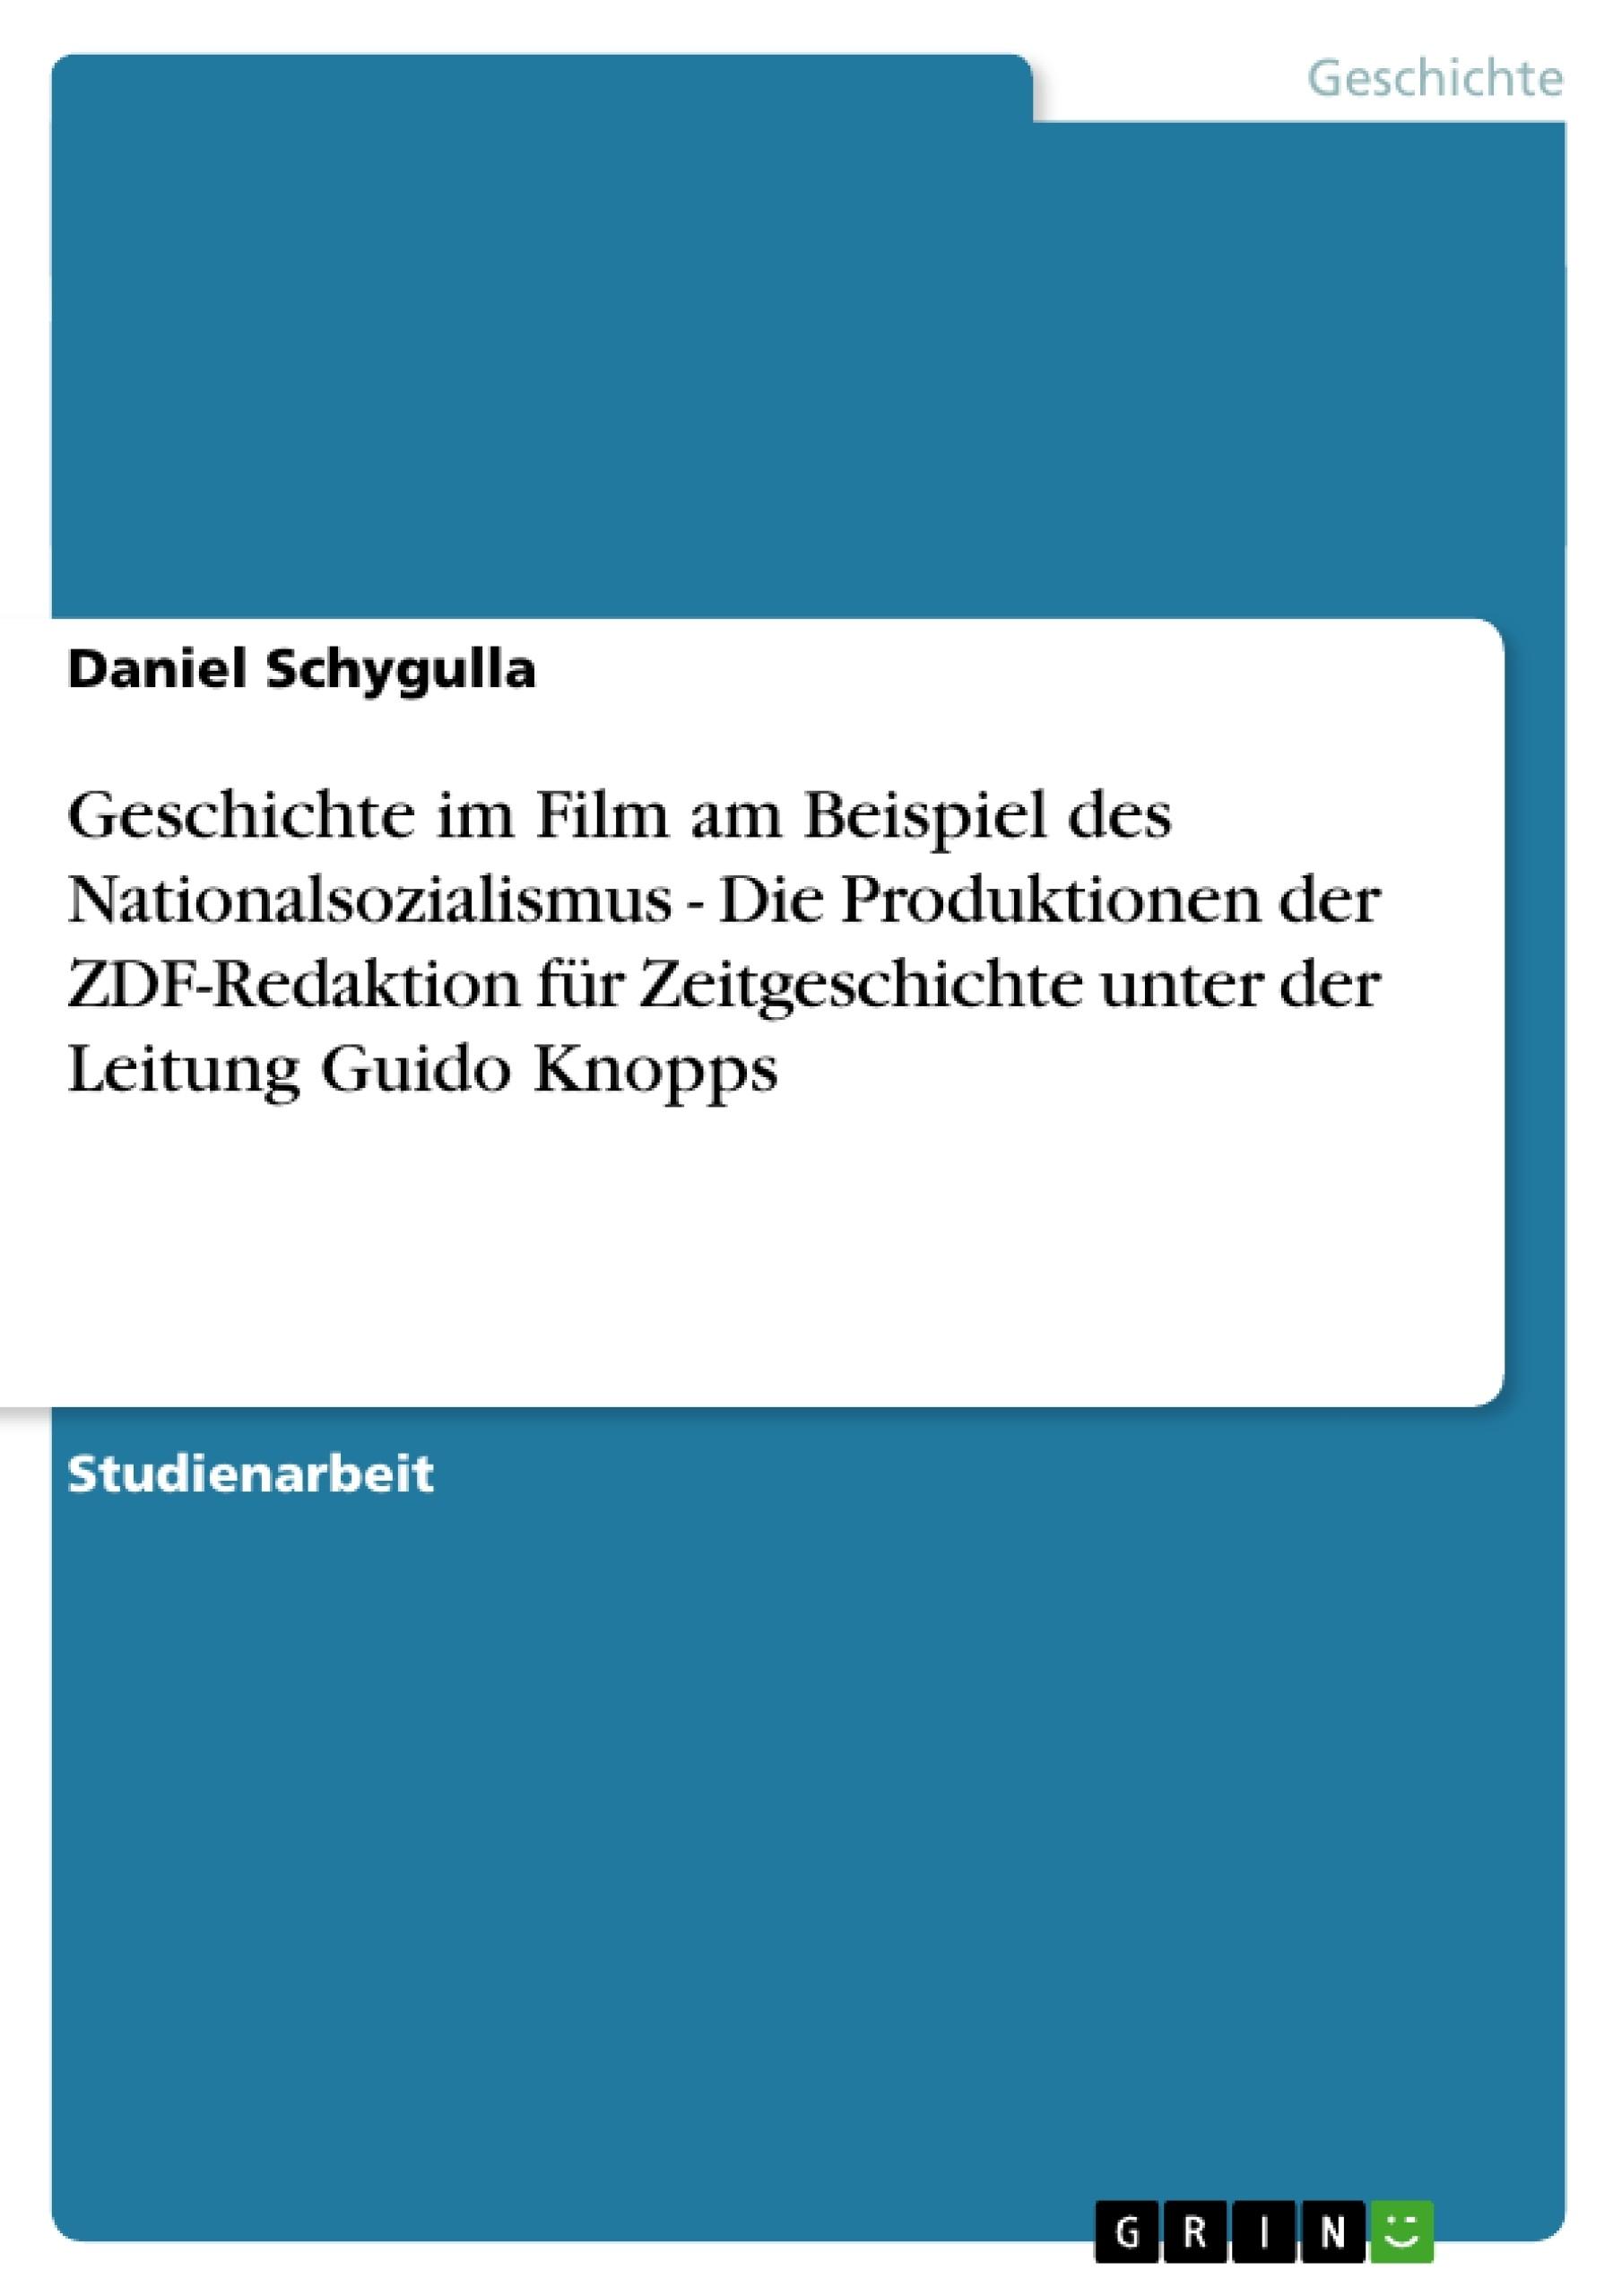 Titel: Geschichte im Film am Beispiel des Nationalsozialismus - Die Produktionen der ZDF-Redaktion für Zeitgeschichte unter der Leitung Guido Knopps